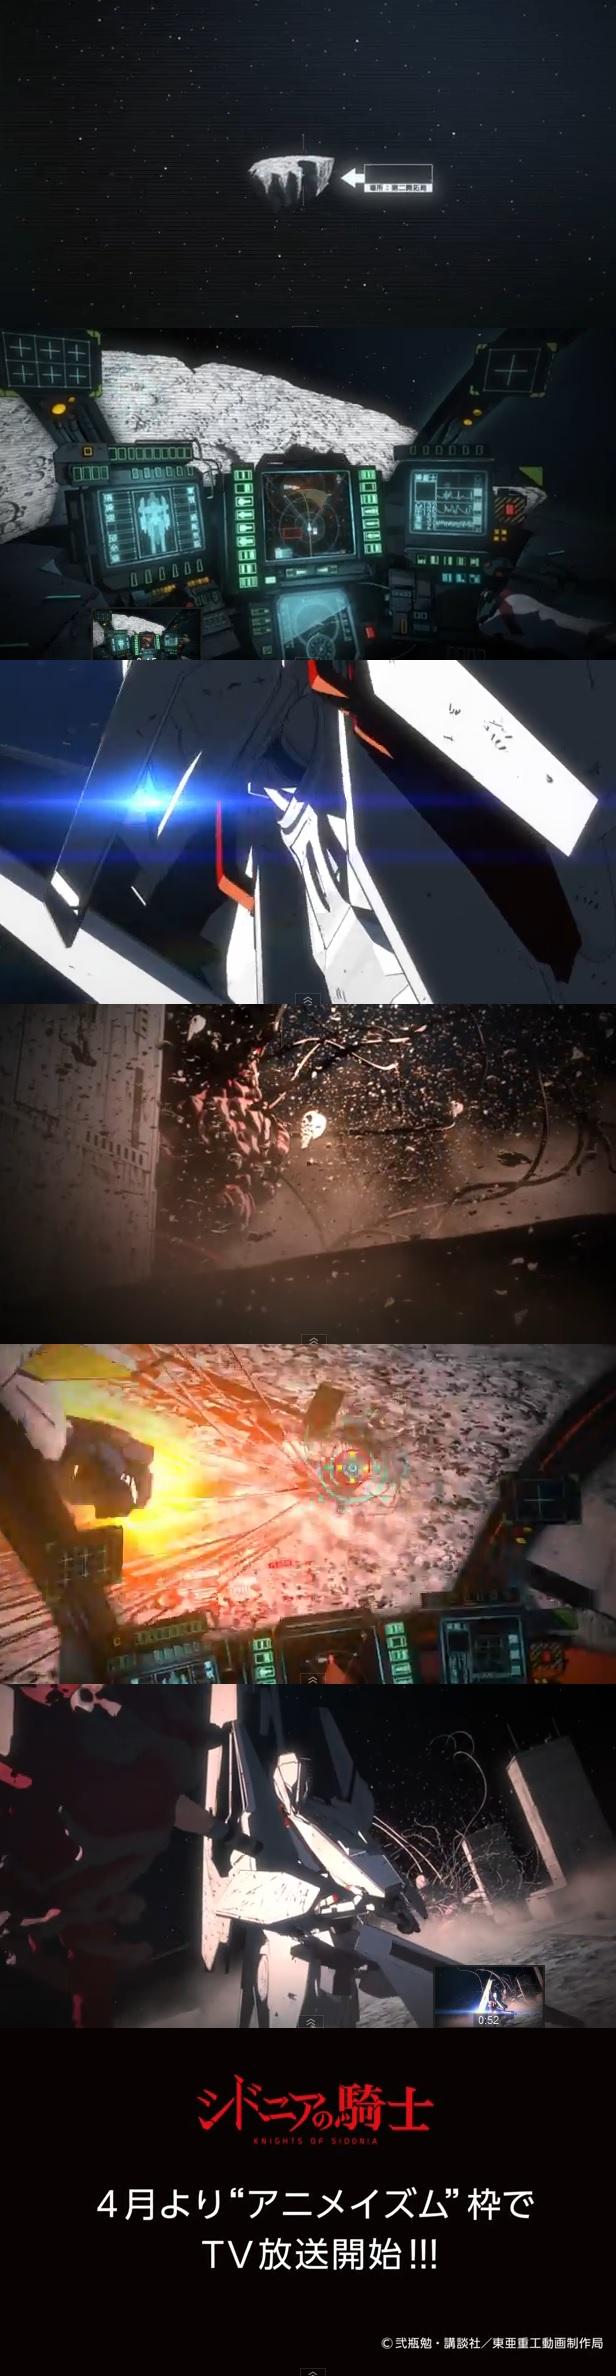 『シドニアの騎士』 第1話冒頭映像公開!